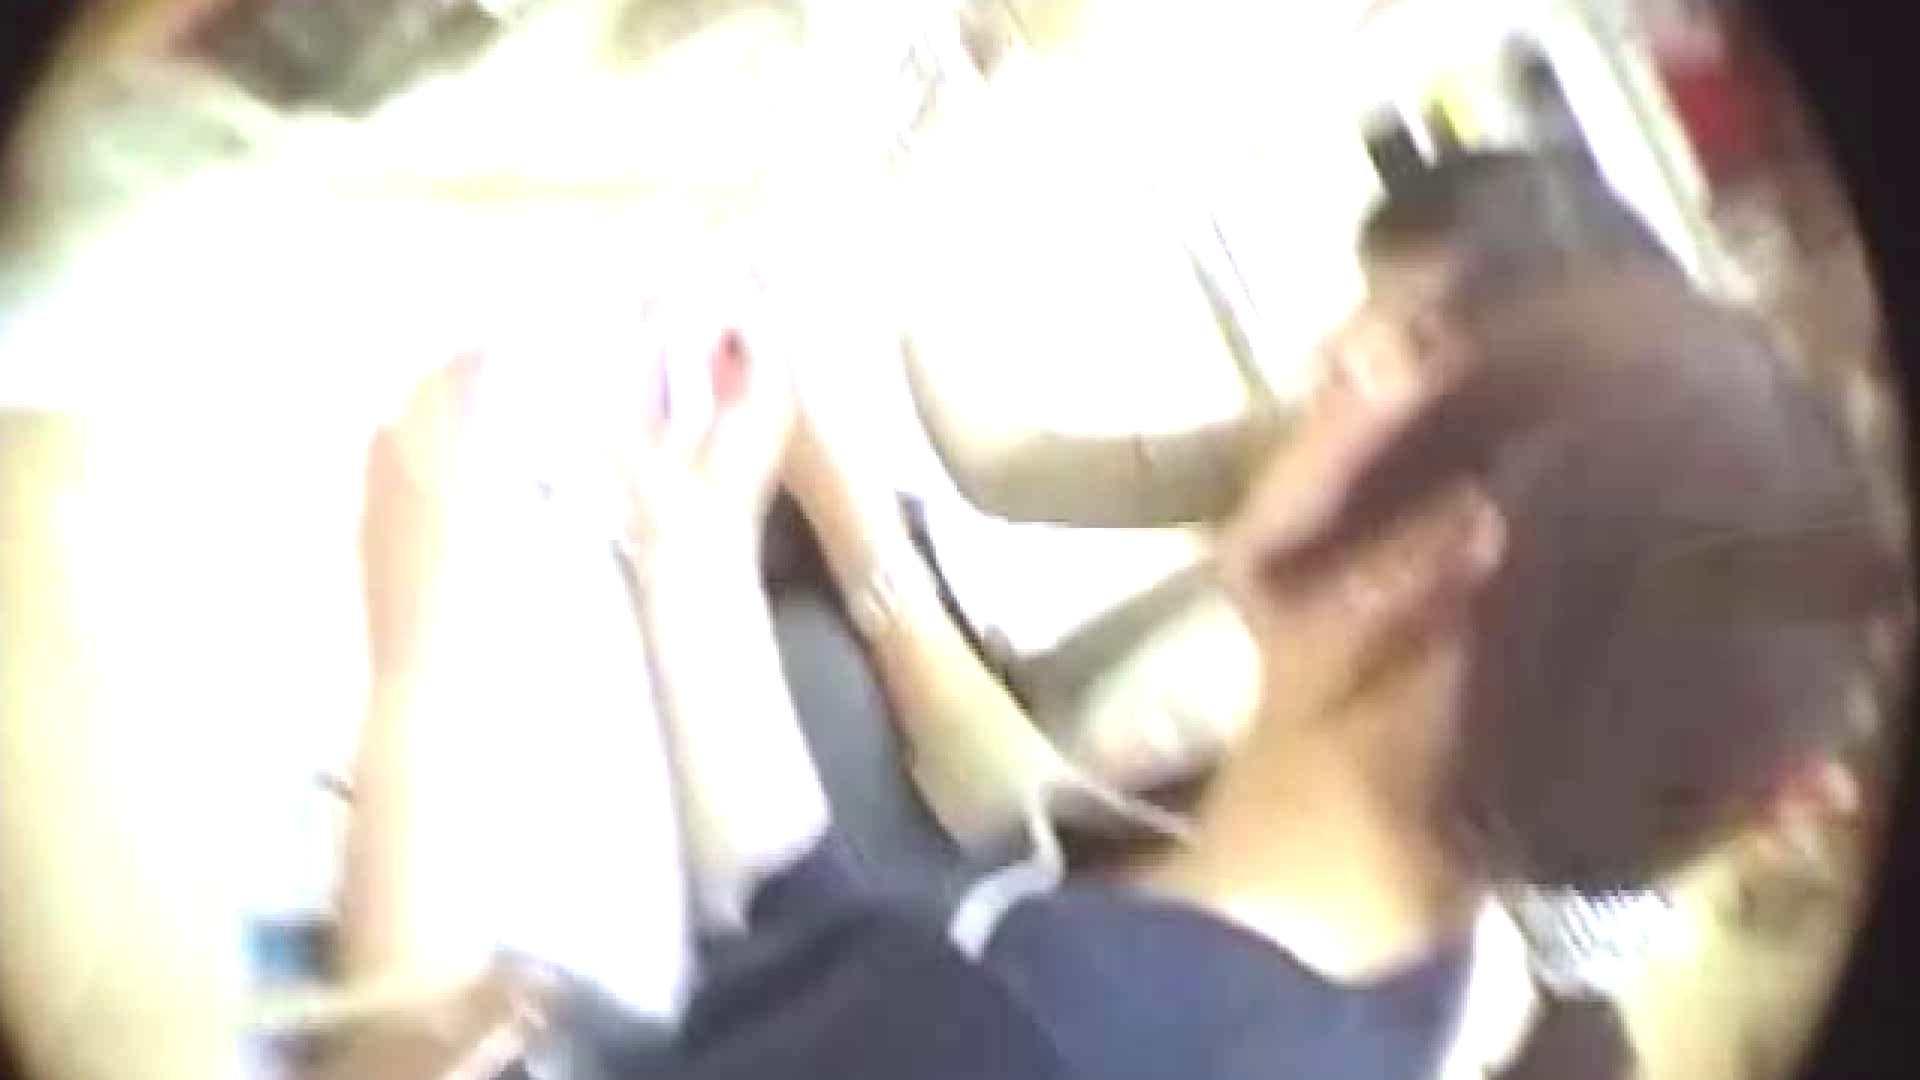 真剣に買い物中のgal達を上から下から狙います。vol.03 JKのエロ生活  37連発 16